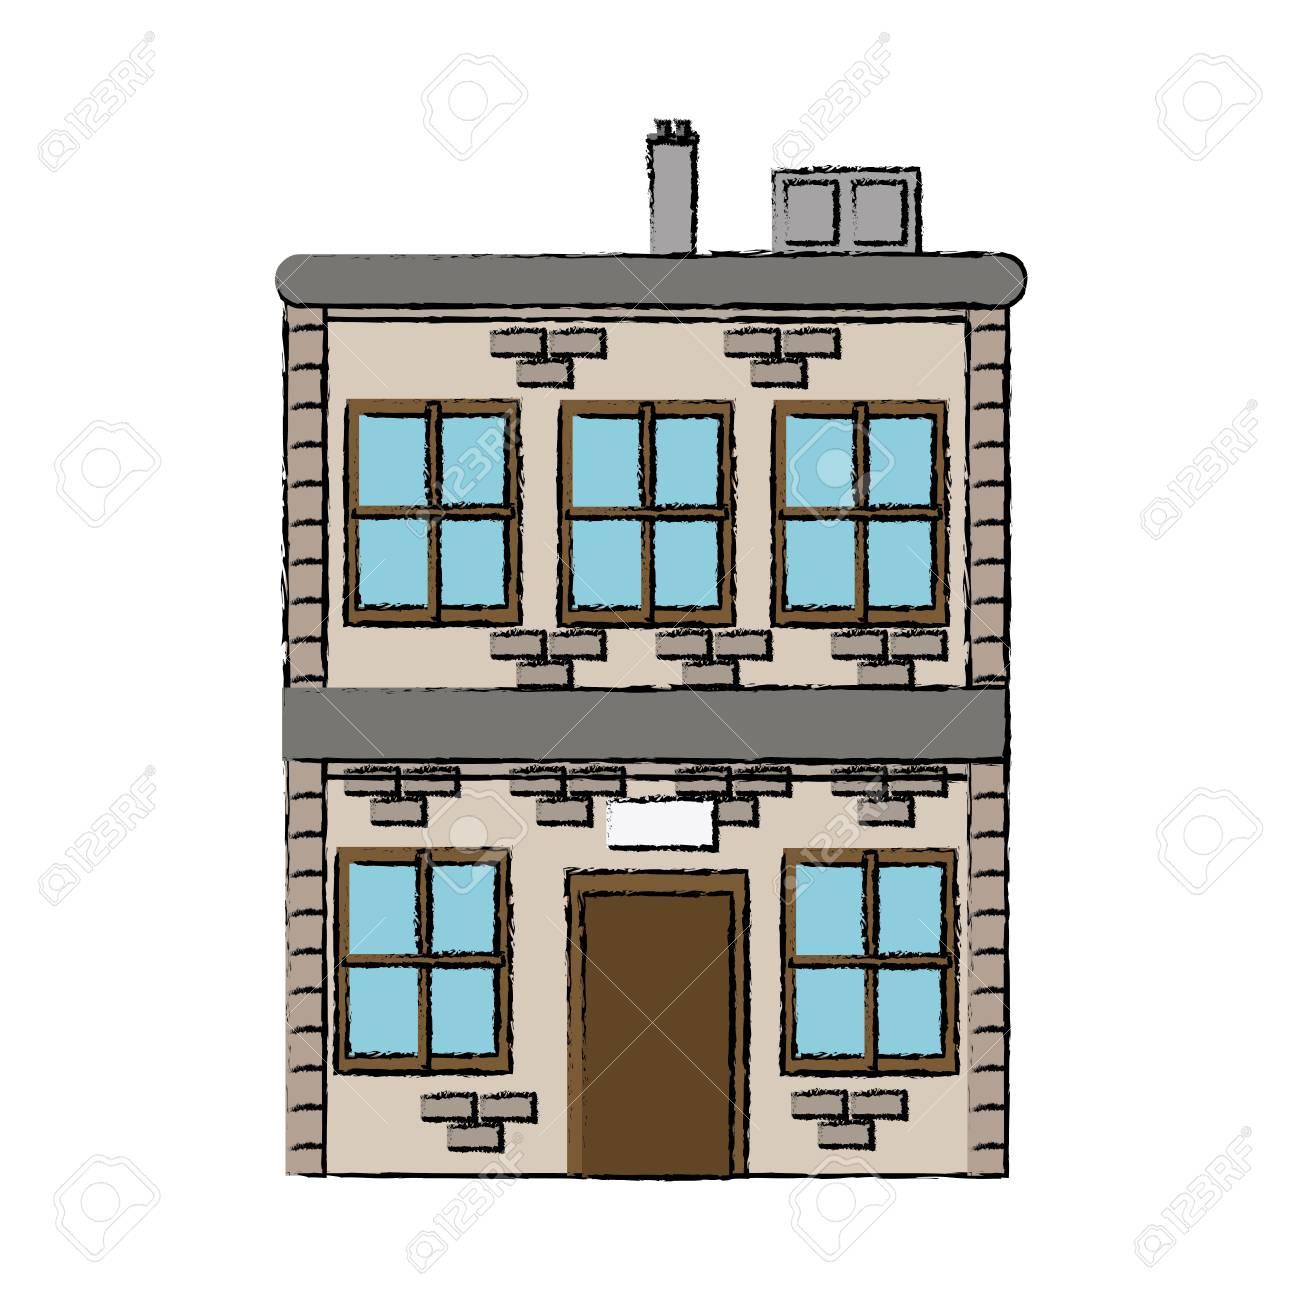 Planos de casas y dise os con fachadas CazaPlano